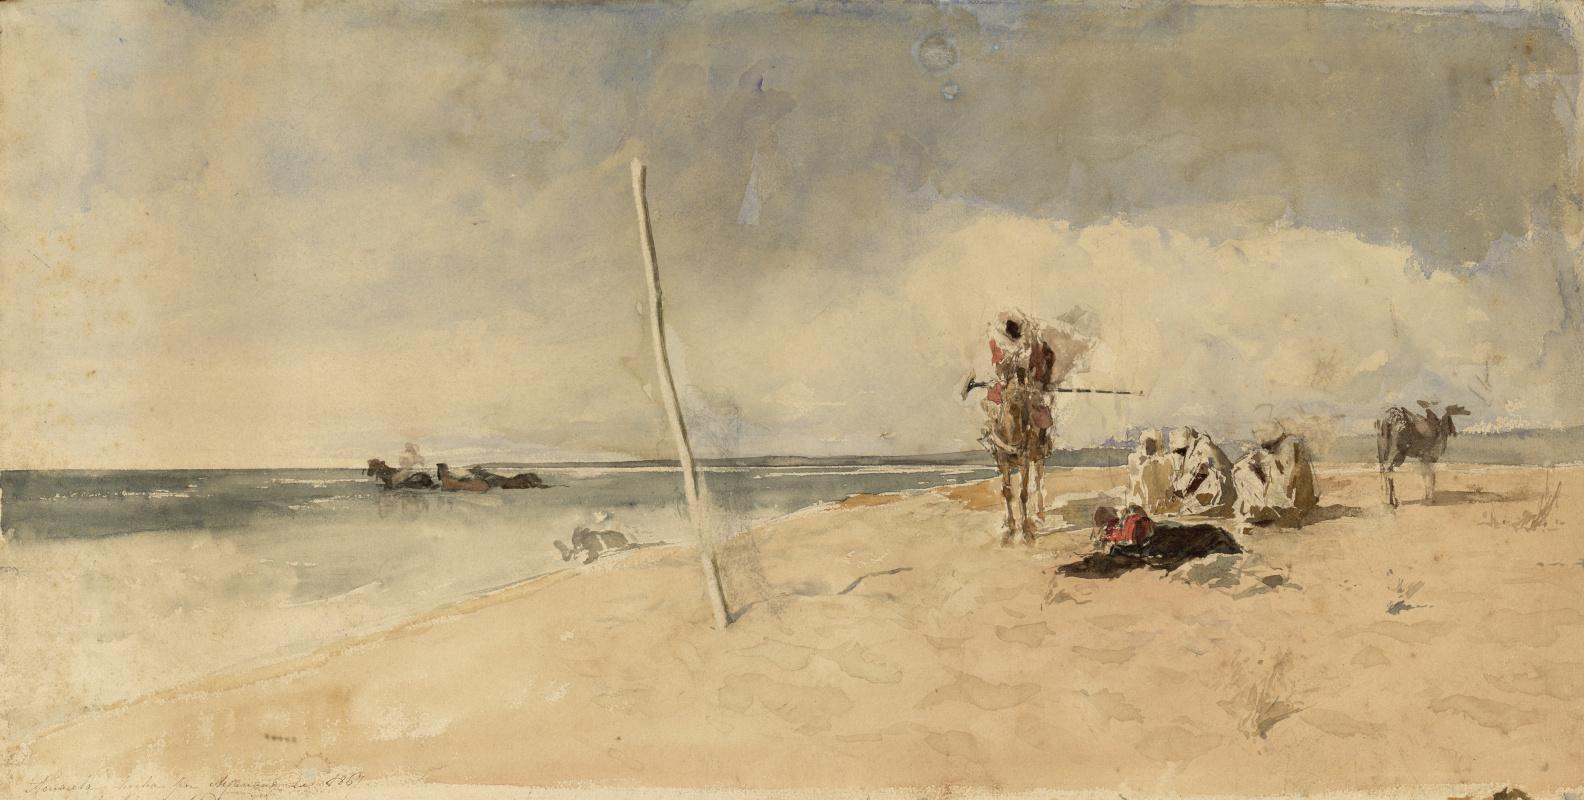 Mariano Fortuny y Marsal. African beach